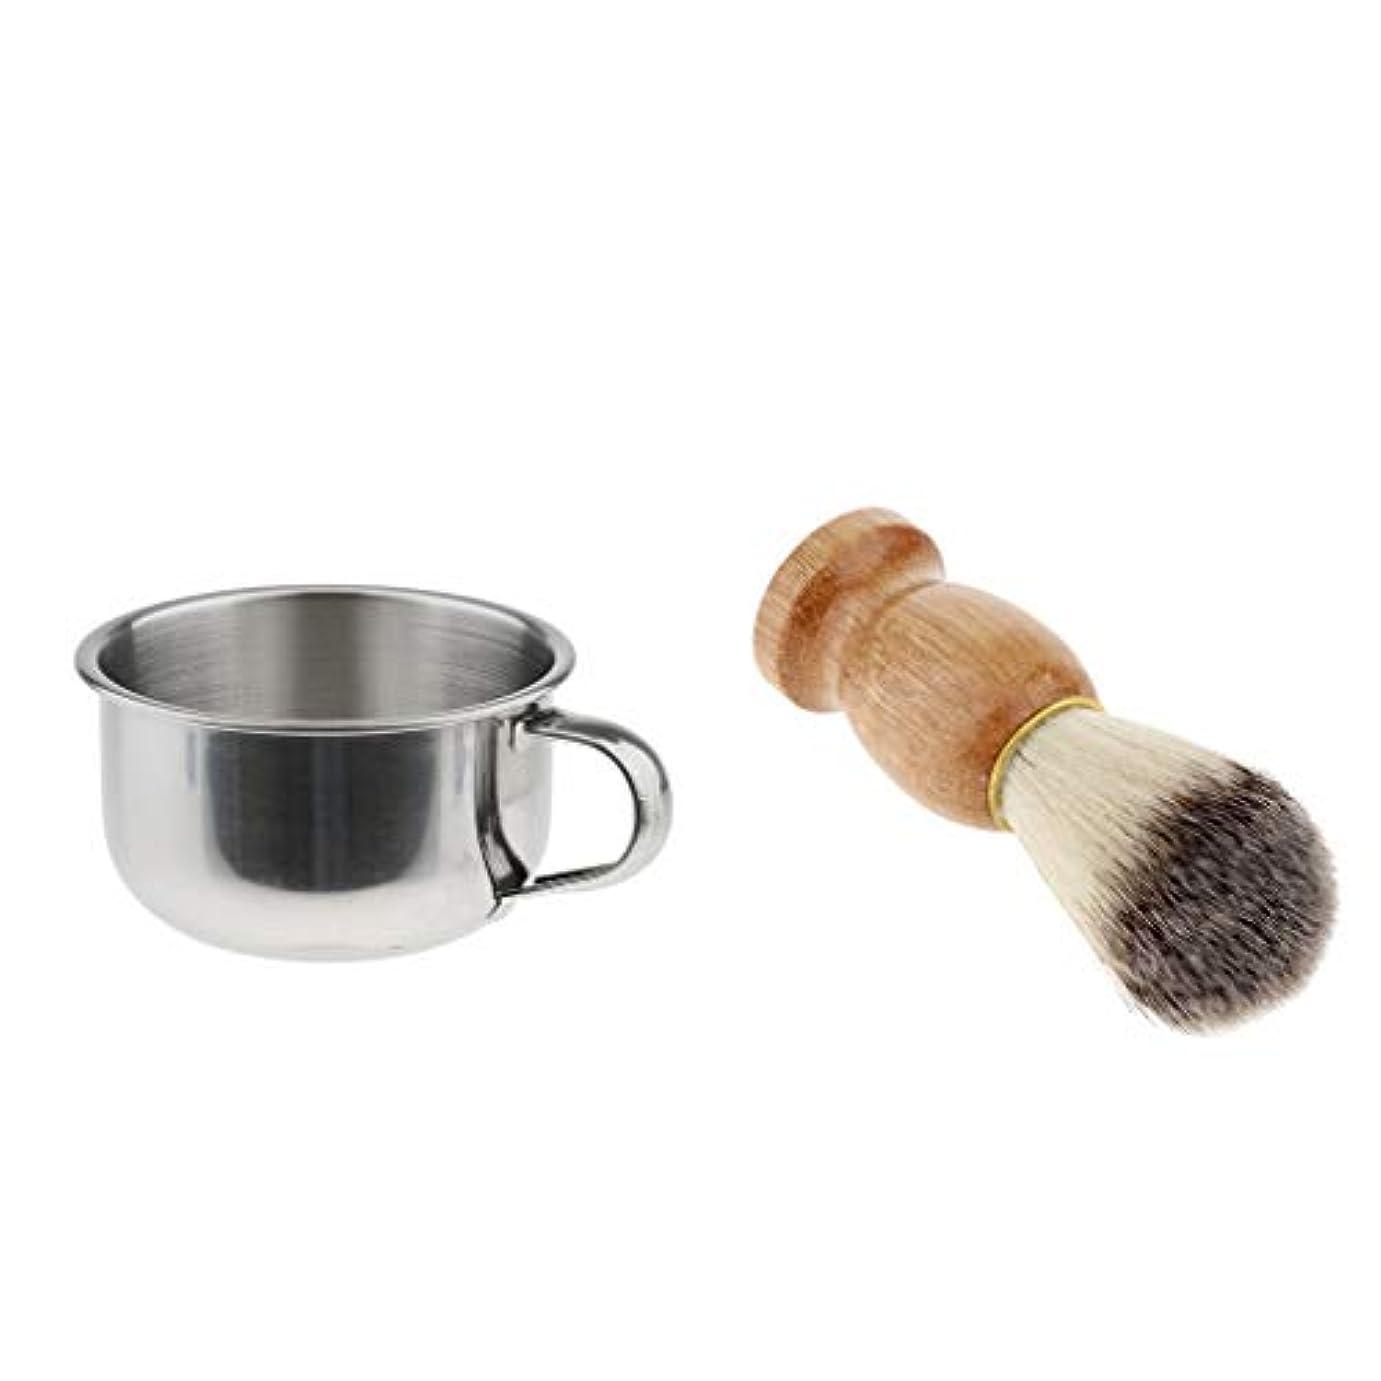 ワット苦しめる弱点dailymall メンズシェービングブラシ+マグボウルセット、美容院の理髪ひげ石鹸カップ、パーソナルケア